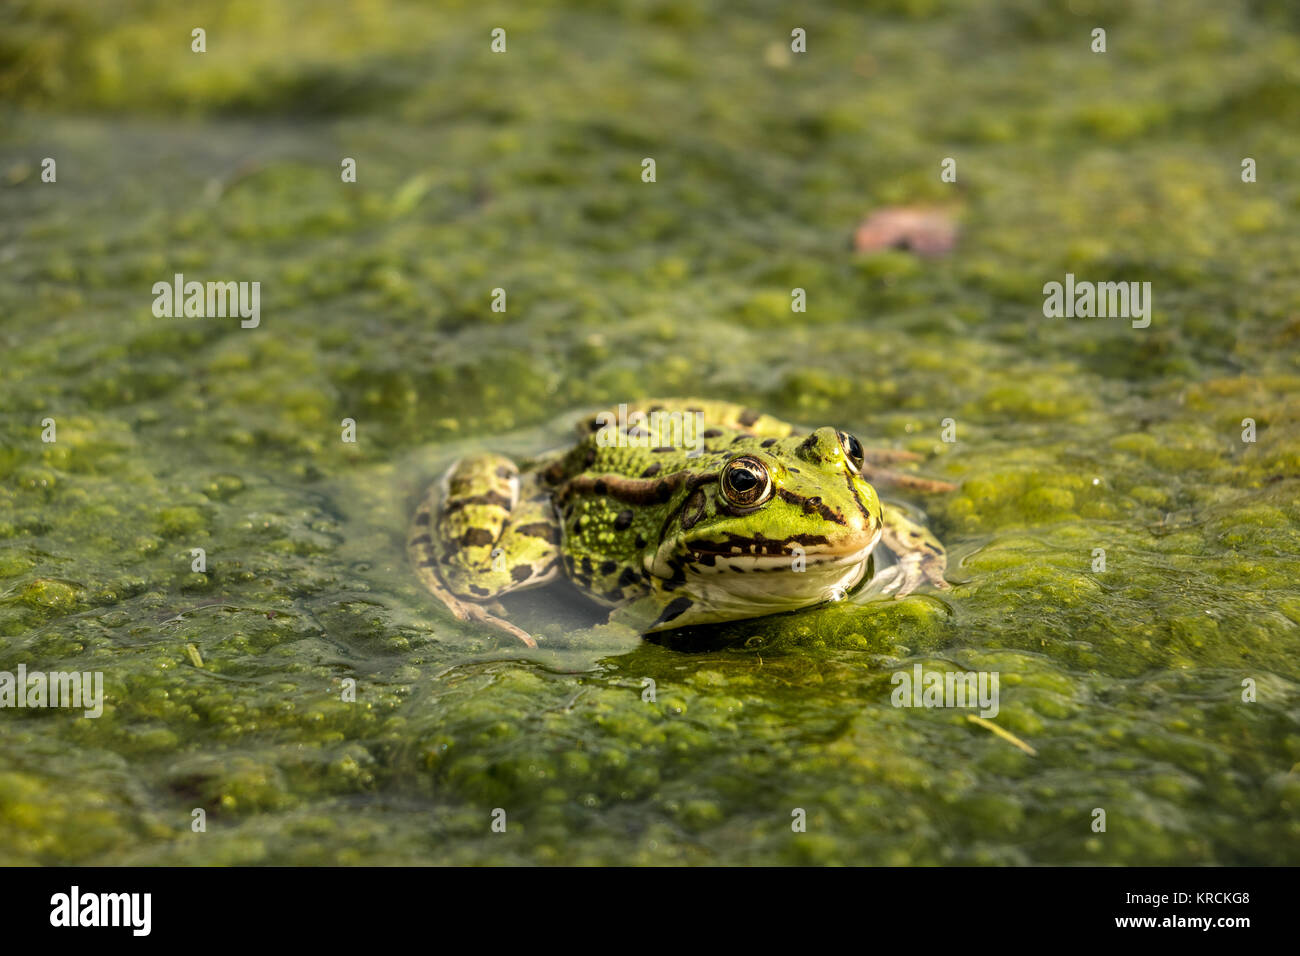 Grüne Frosch im Wasser voller frogspawn Stockbild